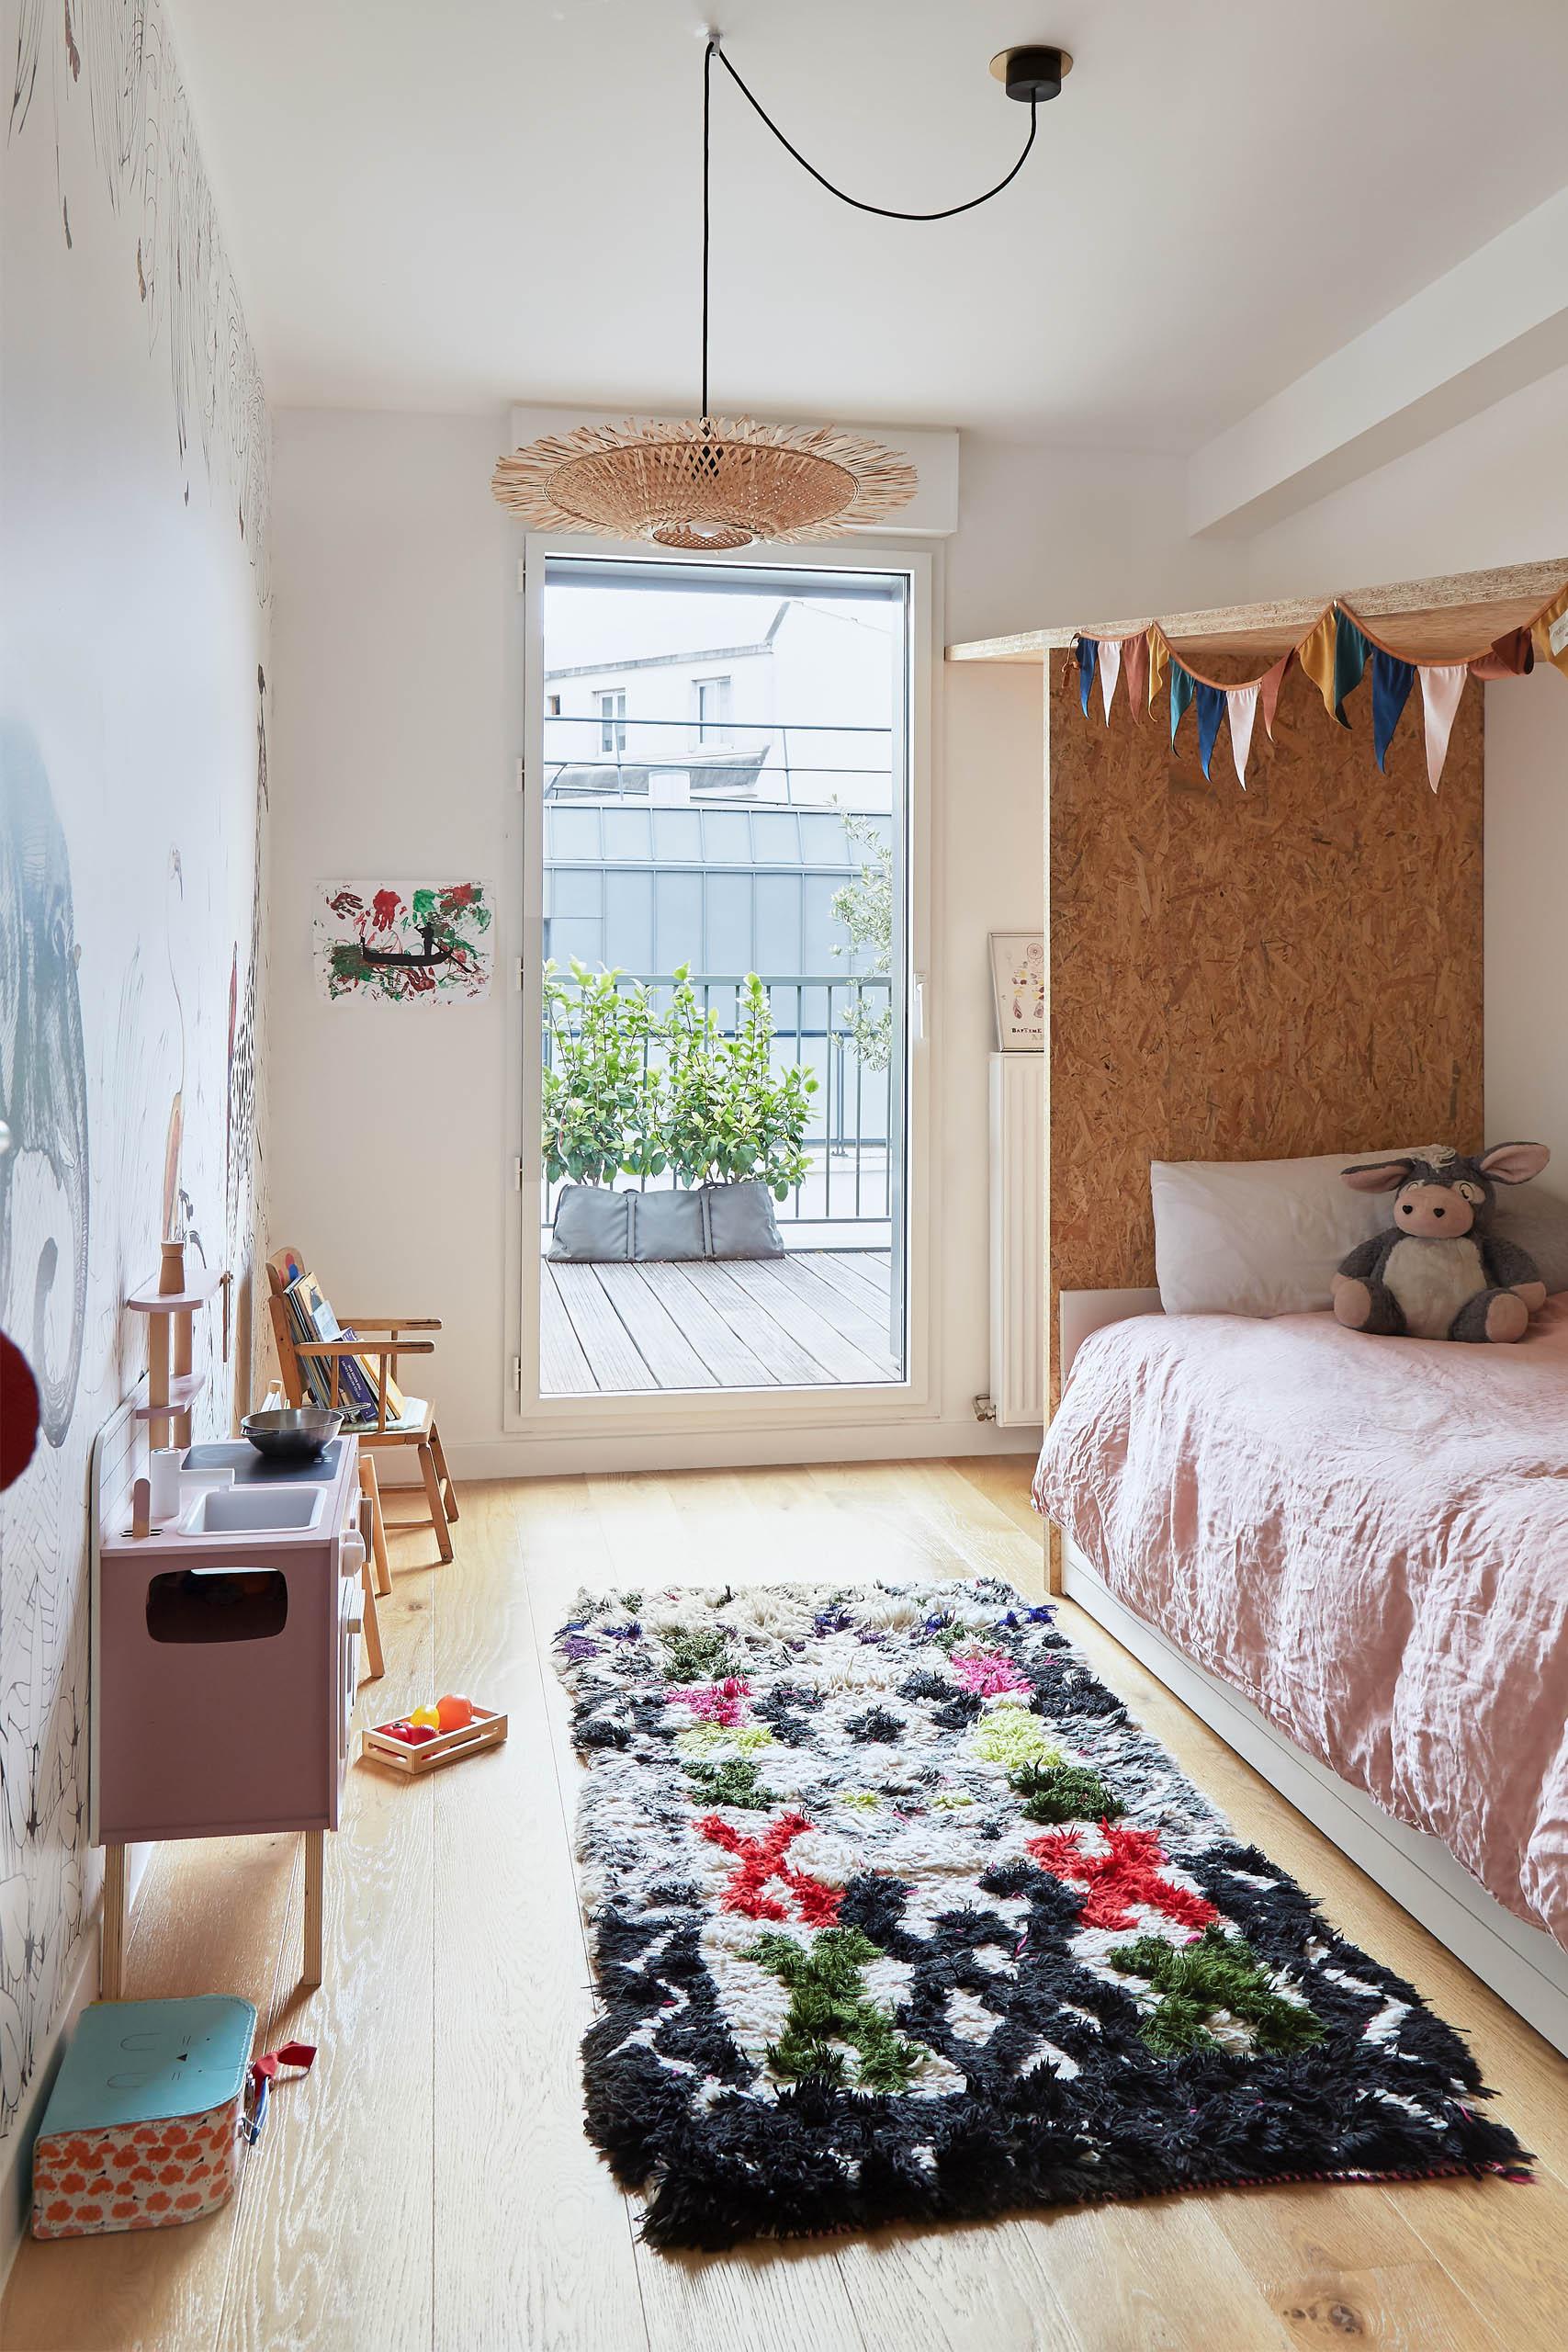 chambre petite fille avec lit cabane sur-mesure et papier-peint panoramique Les domino tiers rénovation murs et merveilles